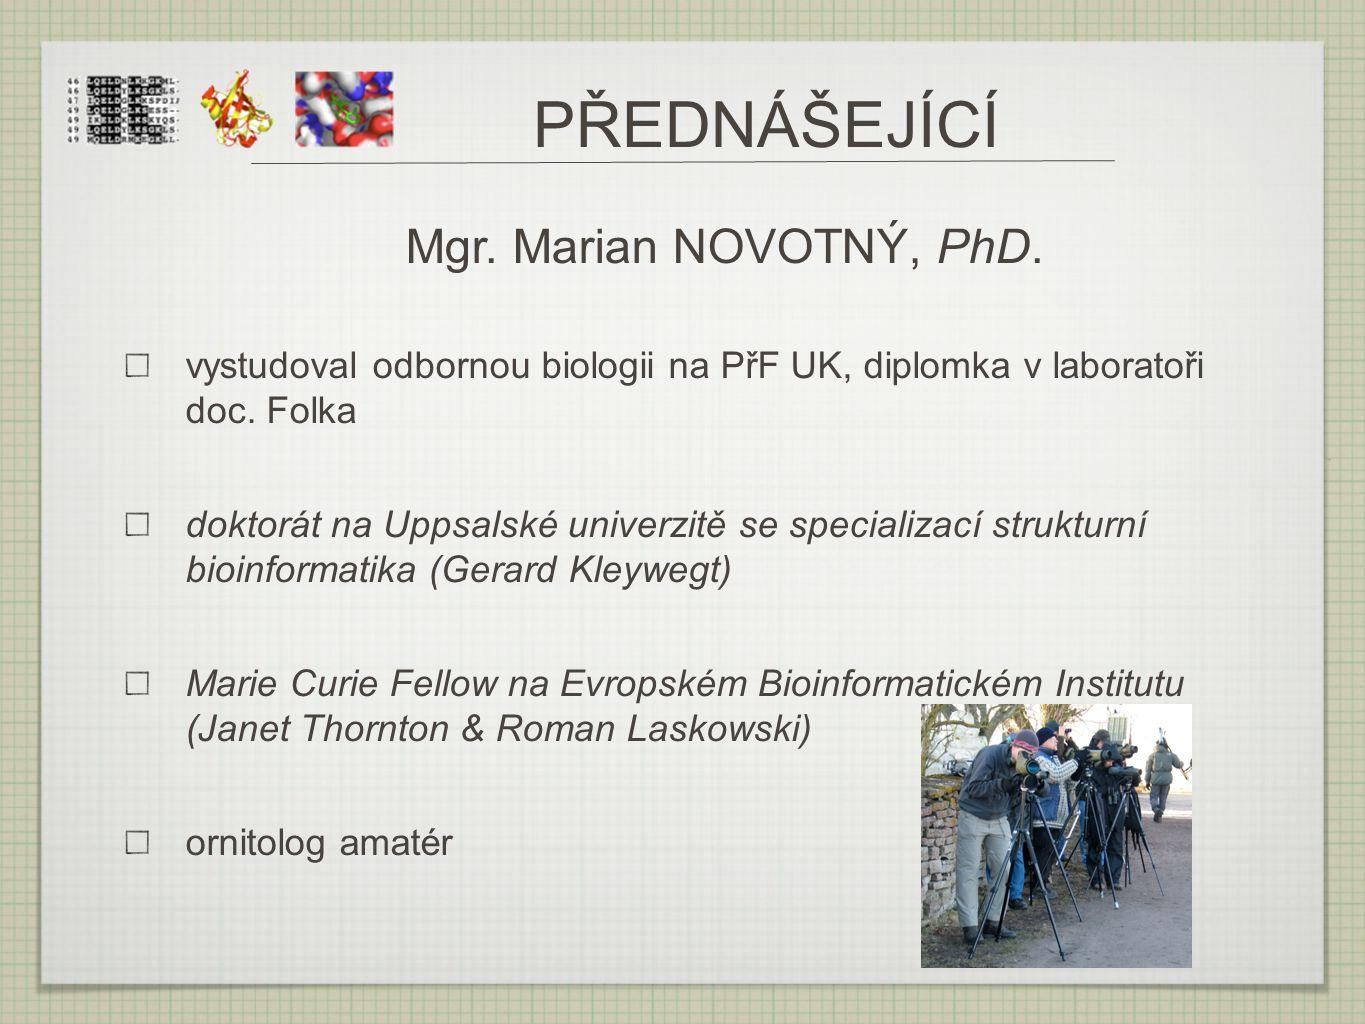 PŘEDNÁŠEJÍCÍ Mgr. Marian NOVOTNÝ, PhD. vystudoval odbornou biologii na PřF UK, diplomka v laboratoři doc. Folka doktorát na Uppsalské univerzitě se sp